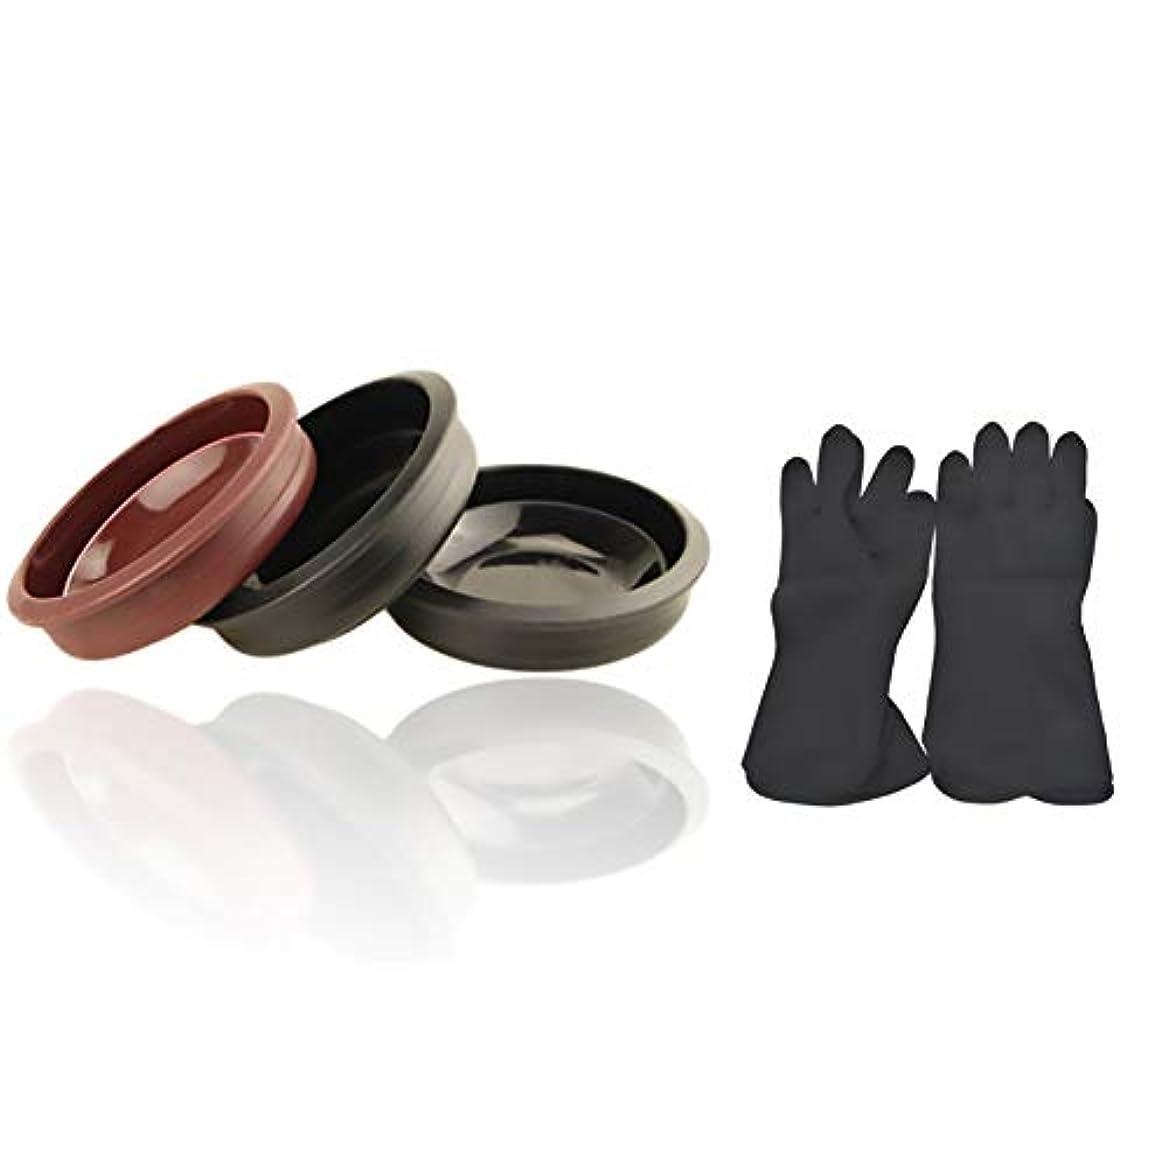 換気また倉庫Tofover 3ピースヘアカラーミキシングボウルと20カウントヘアダイ手袋、黒の再利用可能なゴム手袋、ヘアサロンヘア染色のためのプロのヘアカラーツールキット